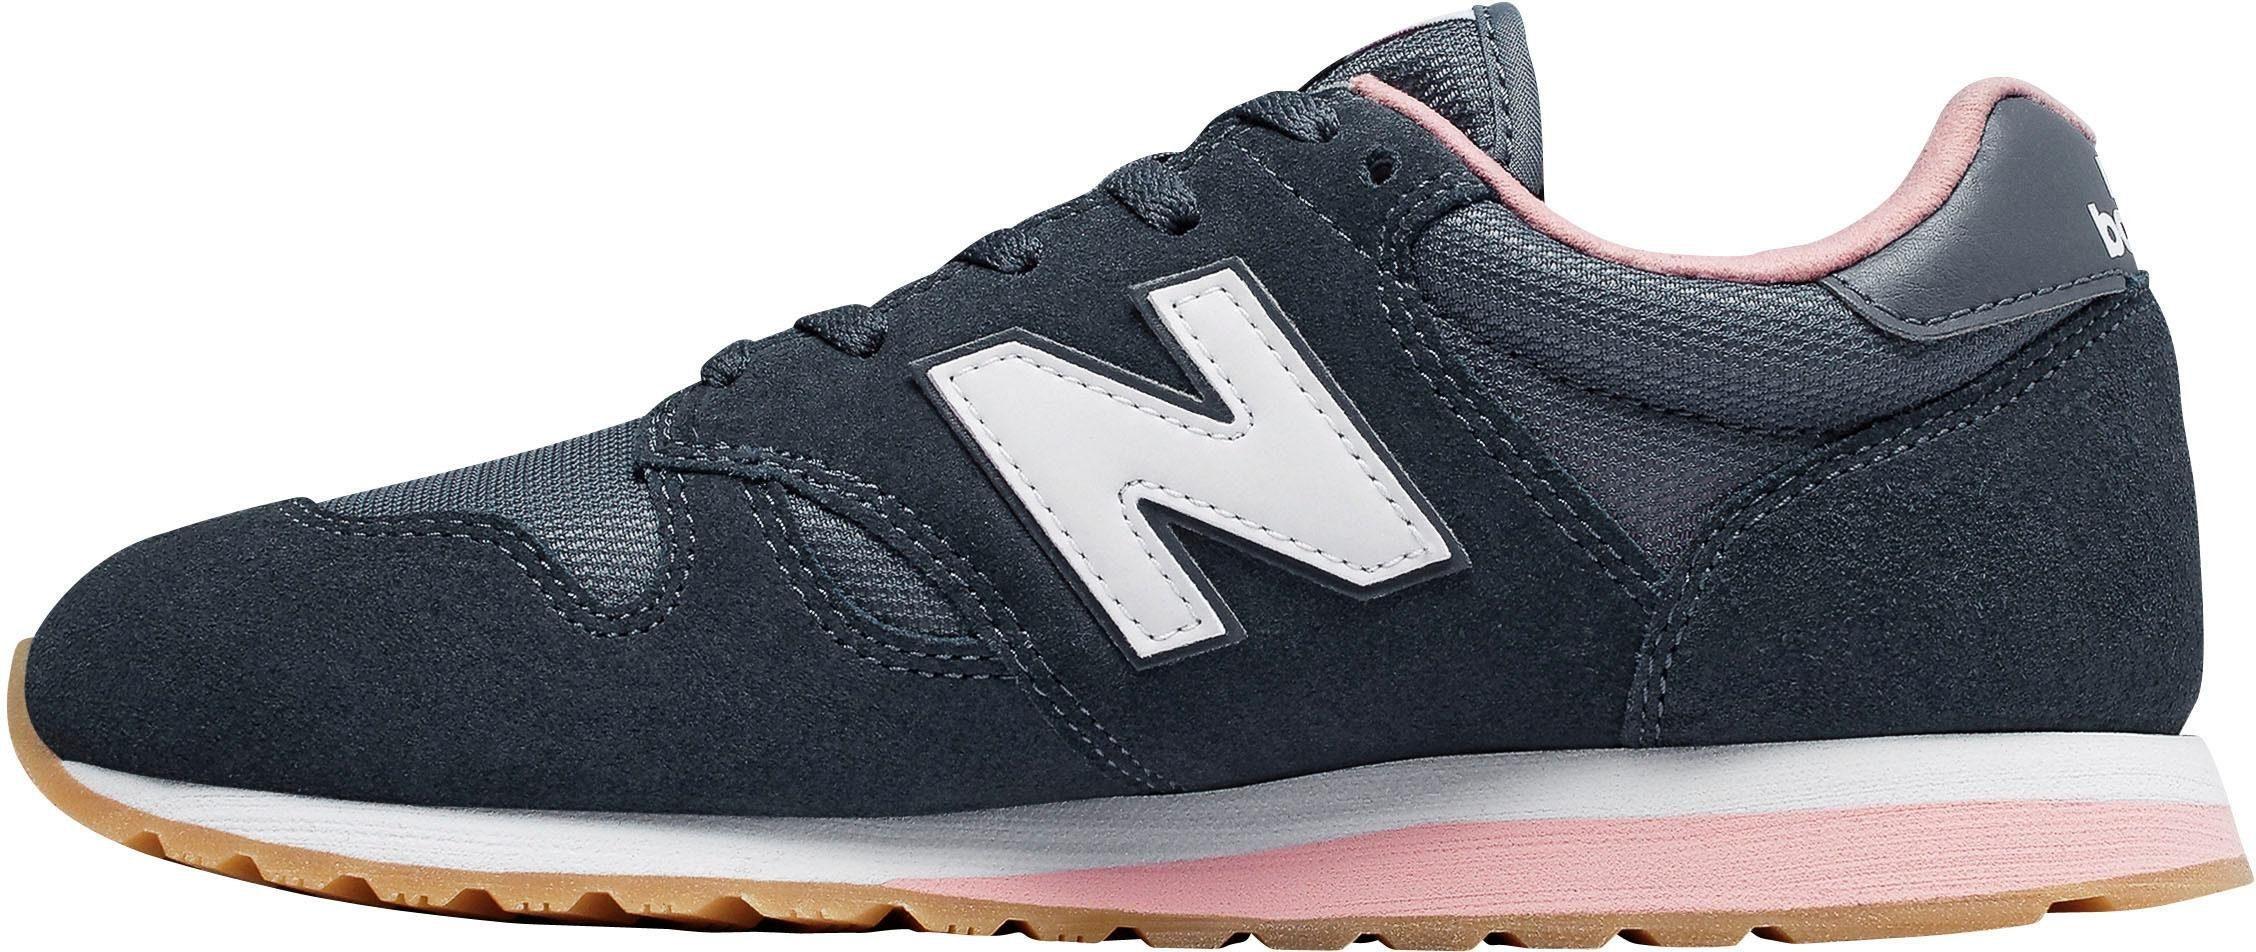 New Balance »WL 520« Sneaker, Leichte Gummilaufsohle für hohen Tragekomfort  online kaufen | OTTO